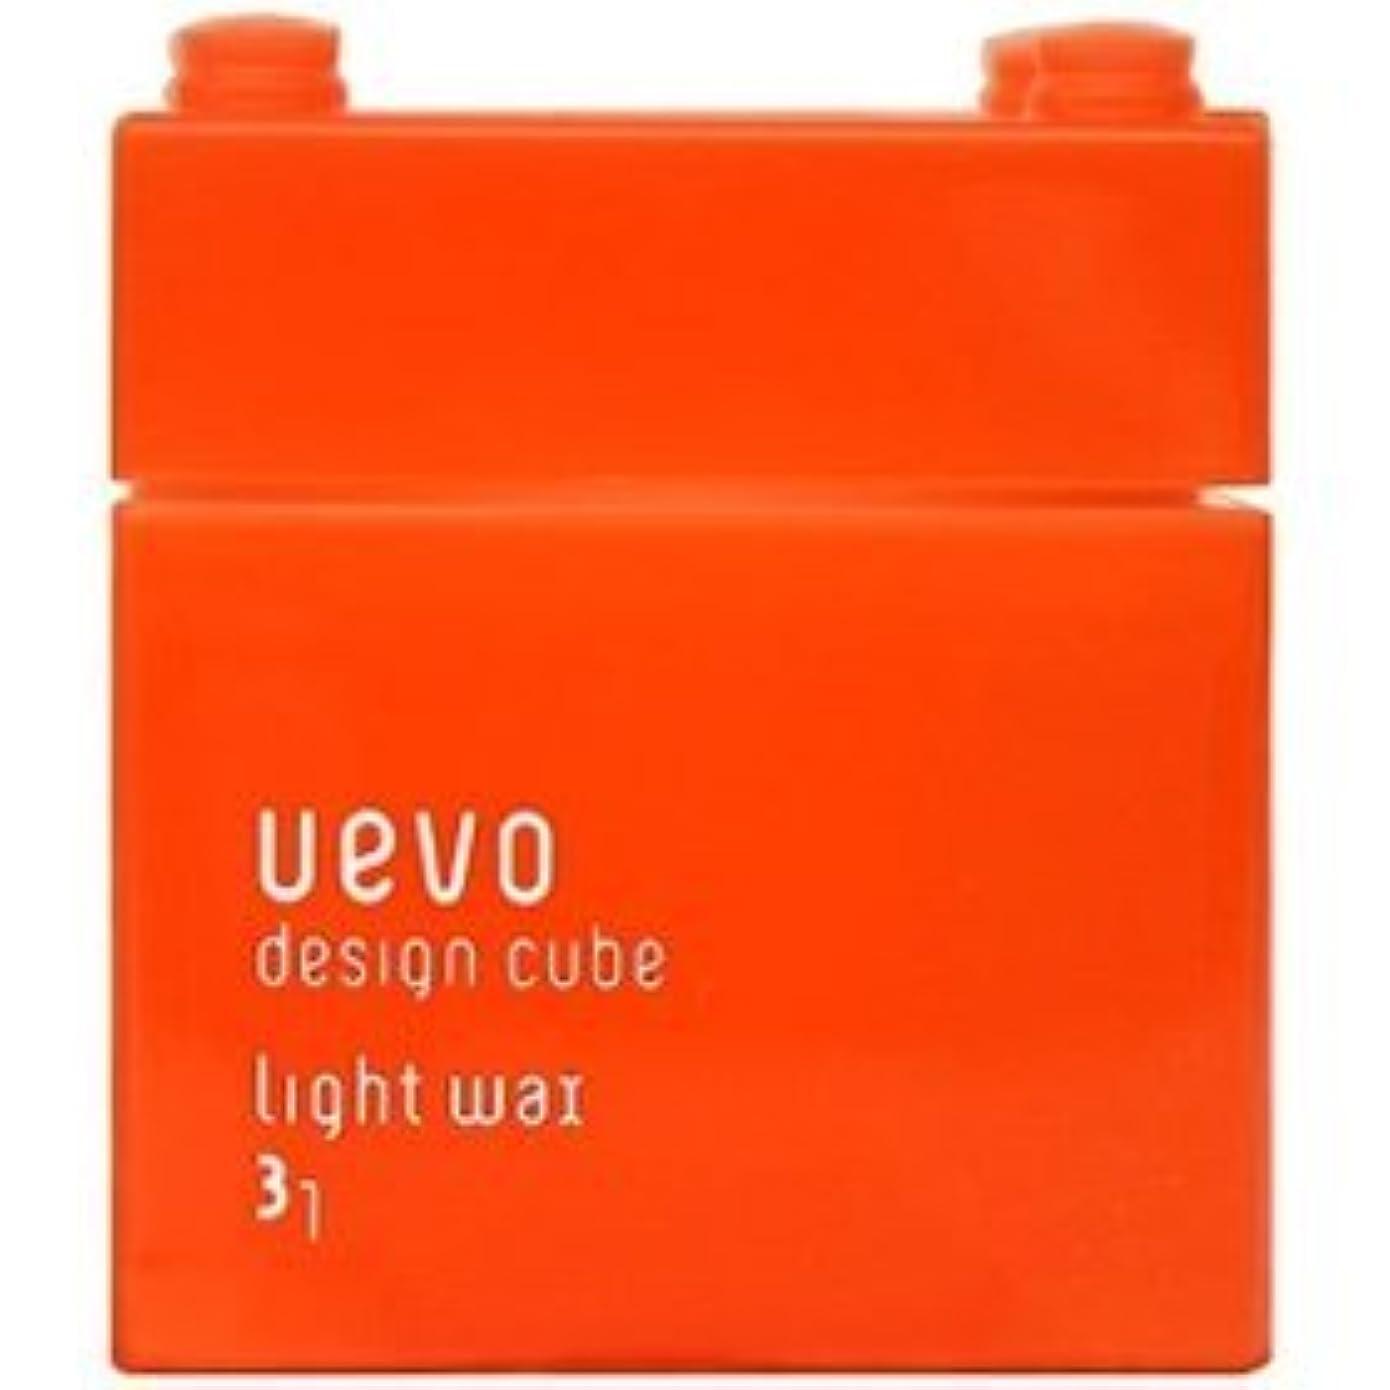 商品プロポーショナル学校教育【X5個セット】 デミ ウェーボ デザインキューブ ライトワックス 80g